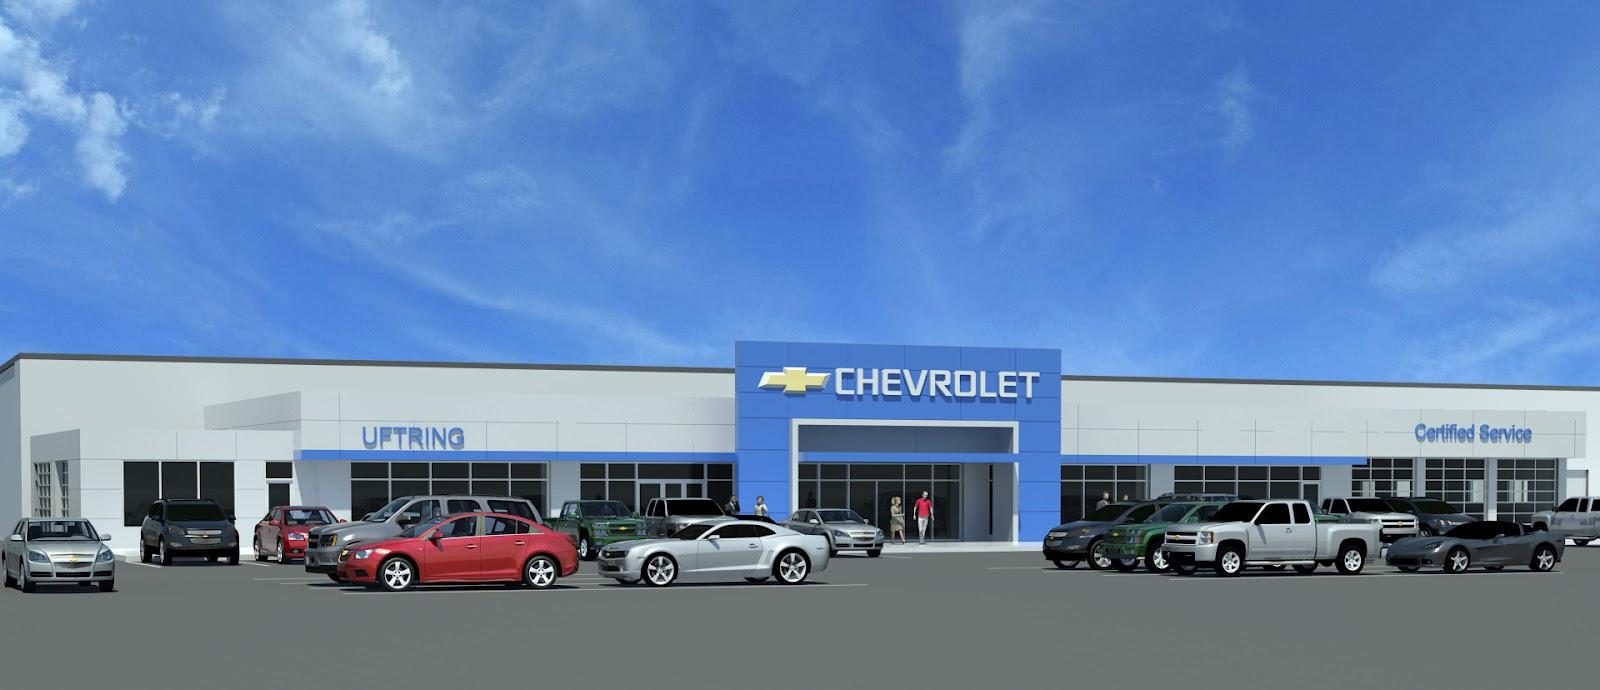 Car Dealerships Peoria Il >> Uftring Peoria Lancaster Bistro